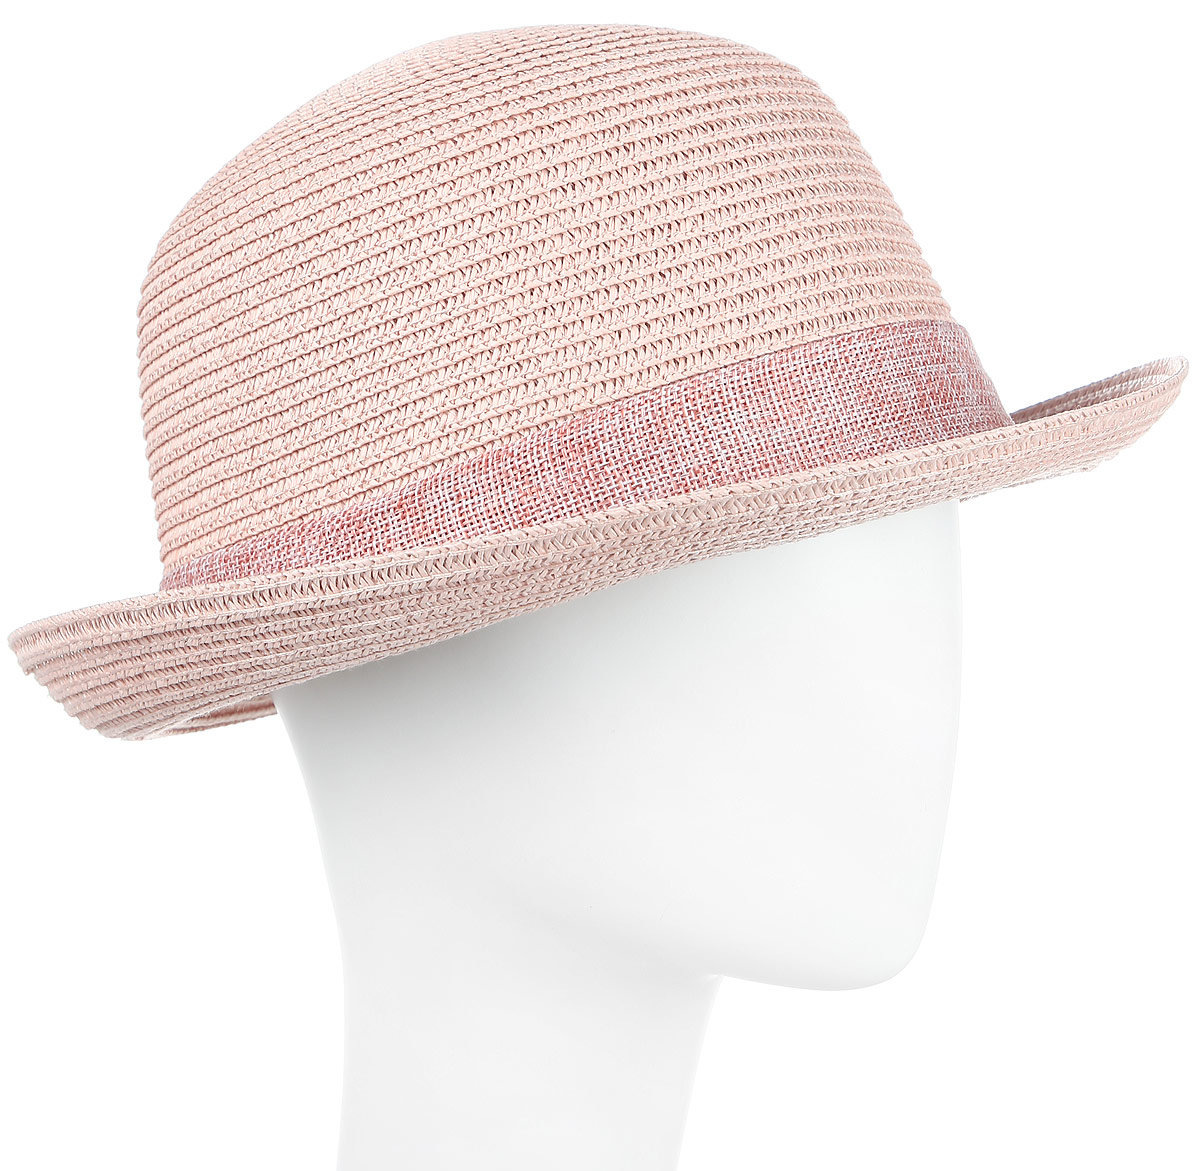 Шляпа женская Maxval, цвет: розовый. HtW100292. Размер 58HtW100292Модная шляпа Maxval выполнена из качественной бумажной соломки. Шляпа с полями дополнена текстильными цветками. Эта модель станет отличным аксессуаром и дополнит ваш повседневный образ.